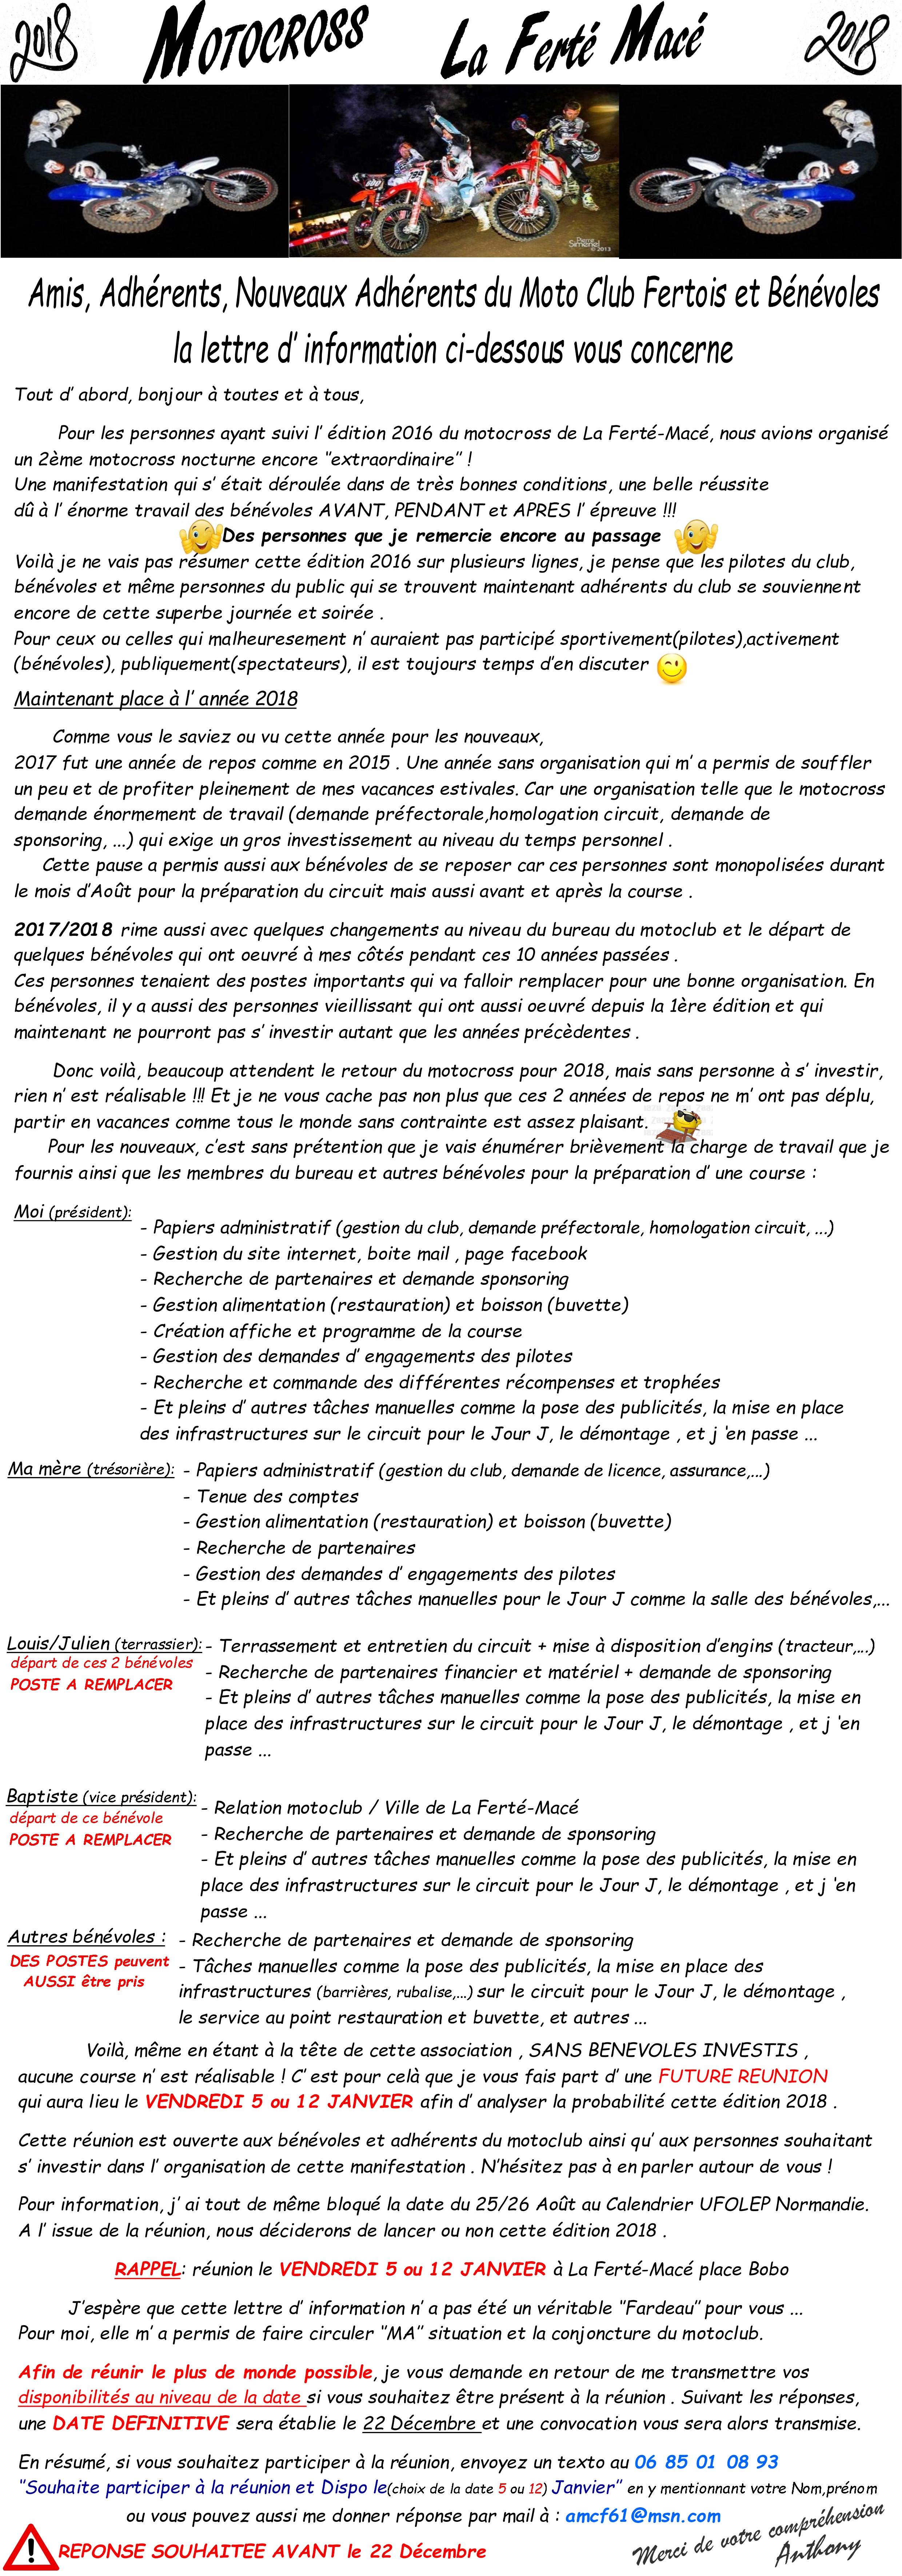 CLIQUEZ ICI POUR AGRANDIR  (version PDF)